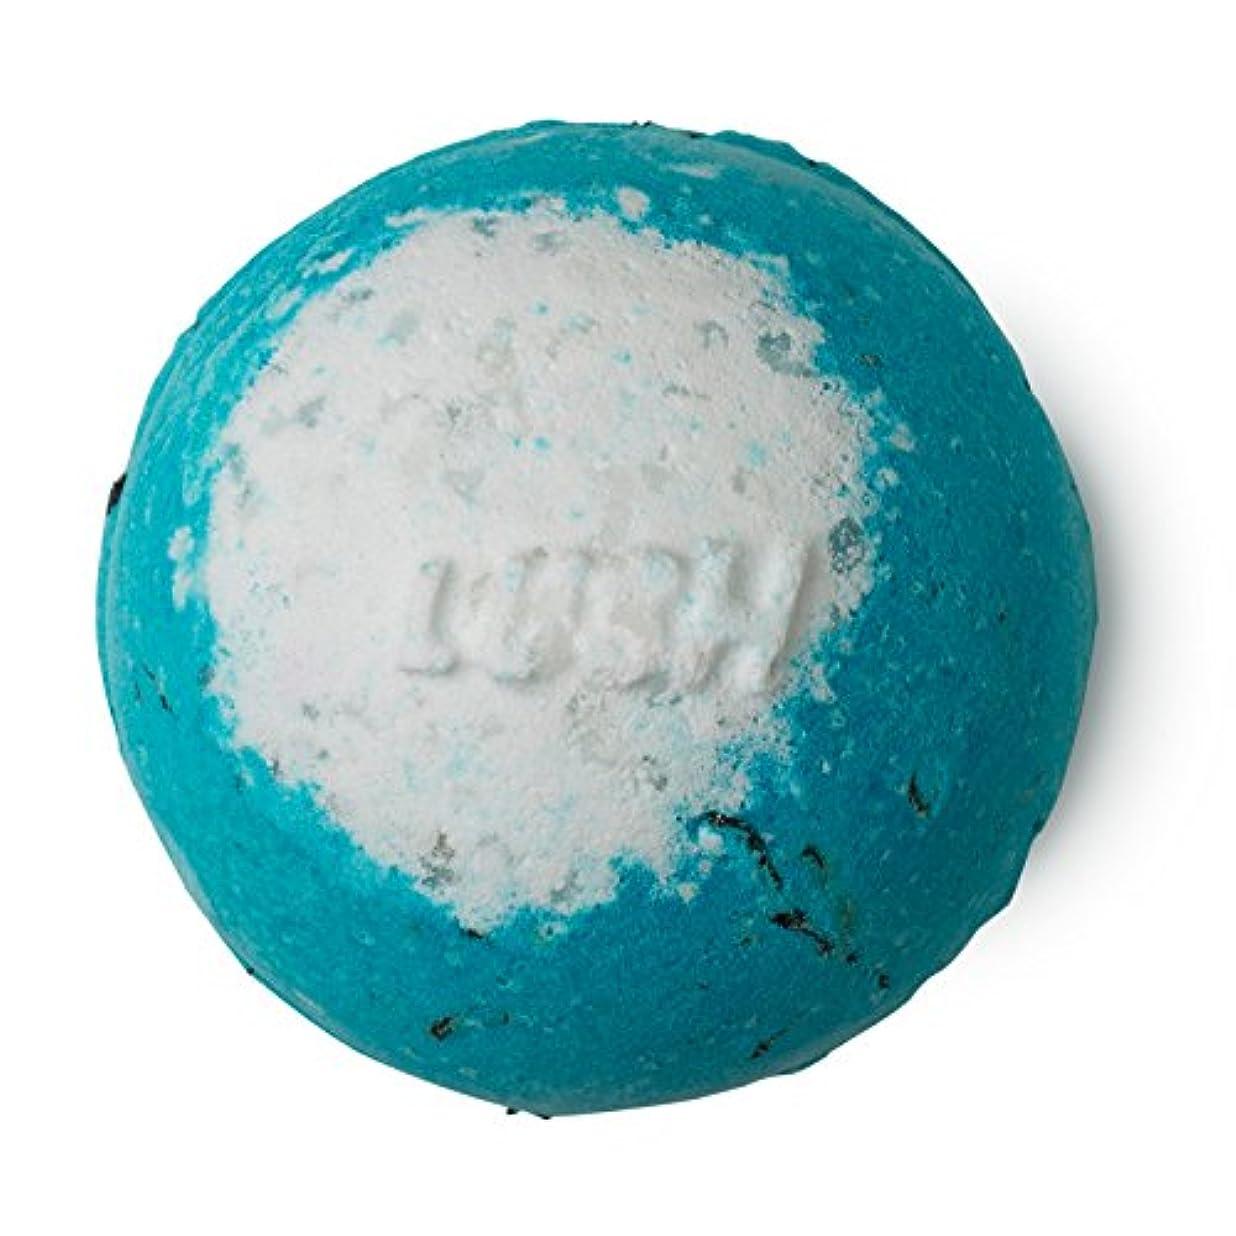 派生する複雑なごちそうLUSH ラッシュ RUSHラッシュ 200g バスボム 浴用 シーソルト 入浴剤 ラベンダーオイル 入浴剤 ギフト